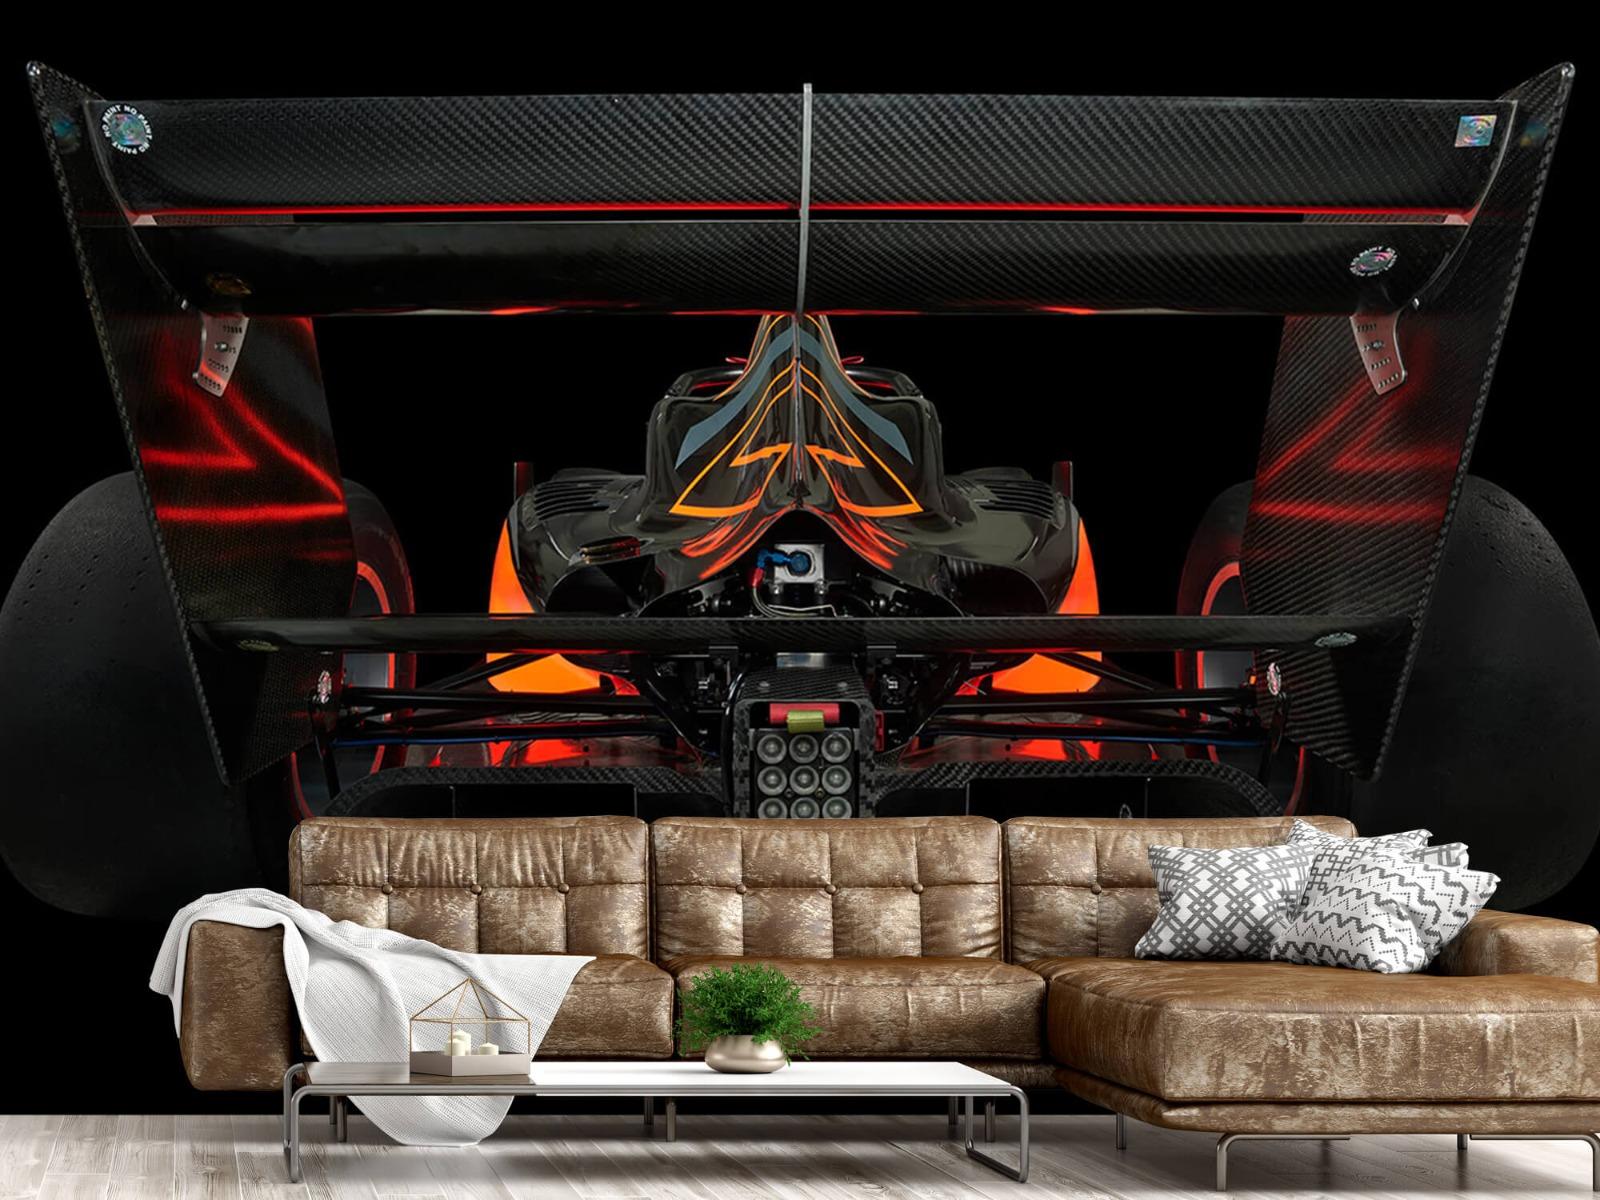 Sportauto's - Formule 3 - Lower rear view - dark - Garage 13